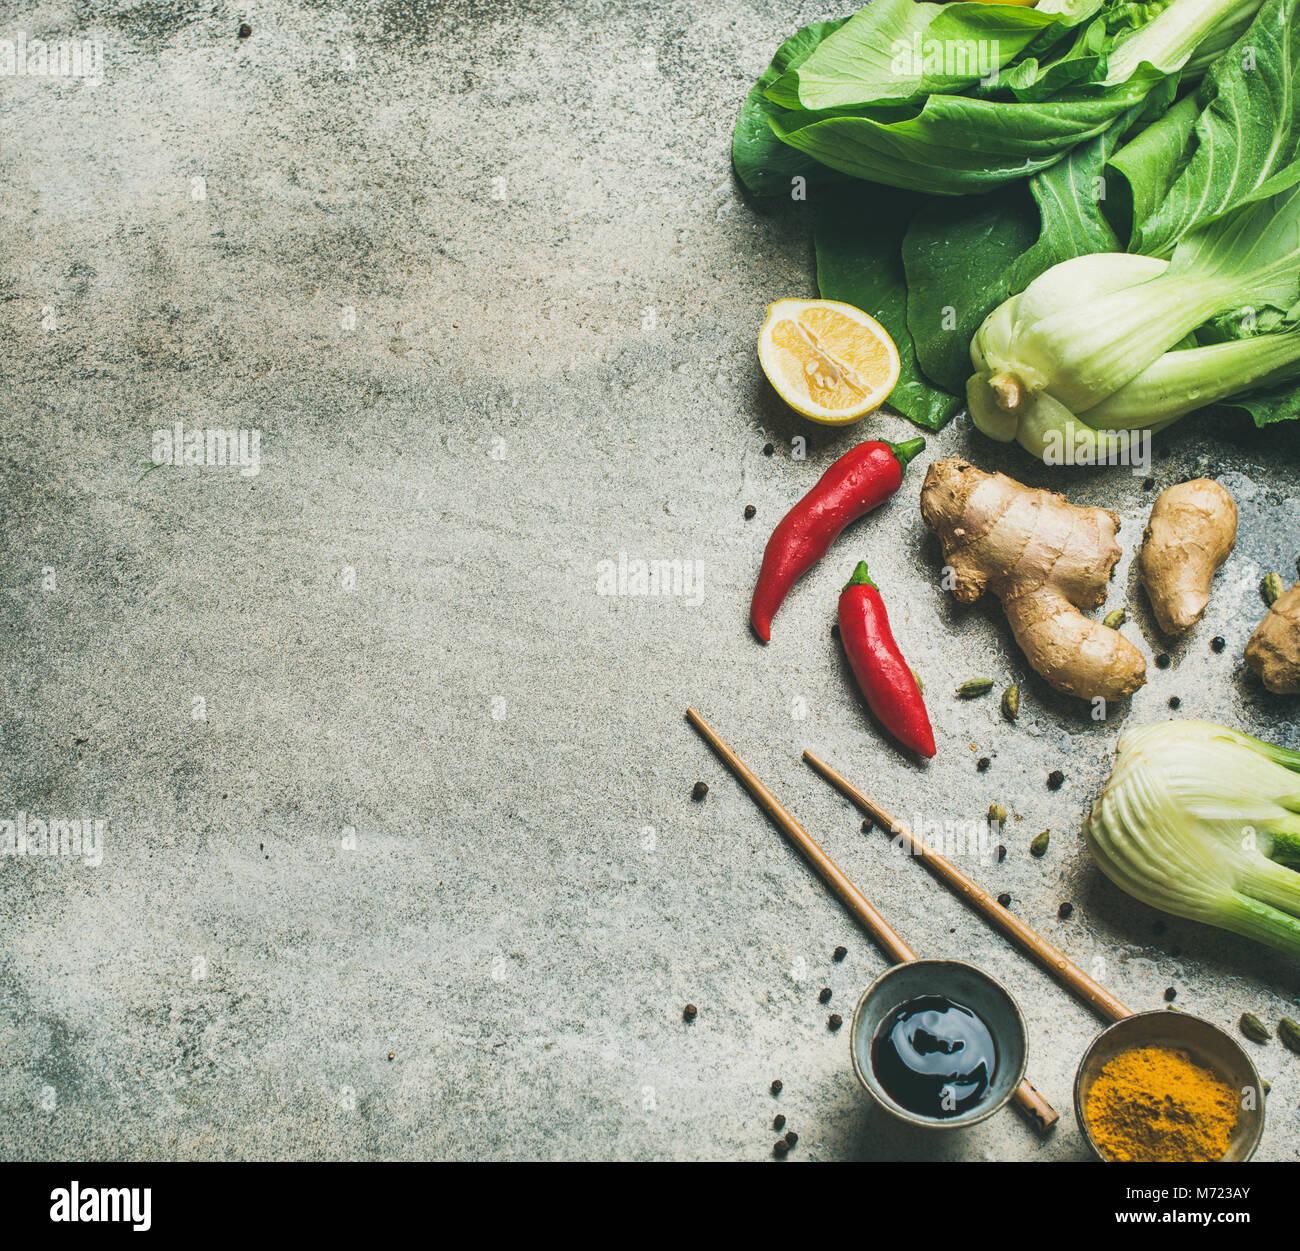 Télévision à jeter des ingrédients de la cuisine asiatique sur fond de béton gris Banque D'Images